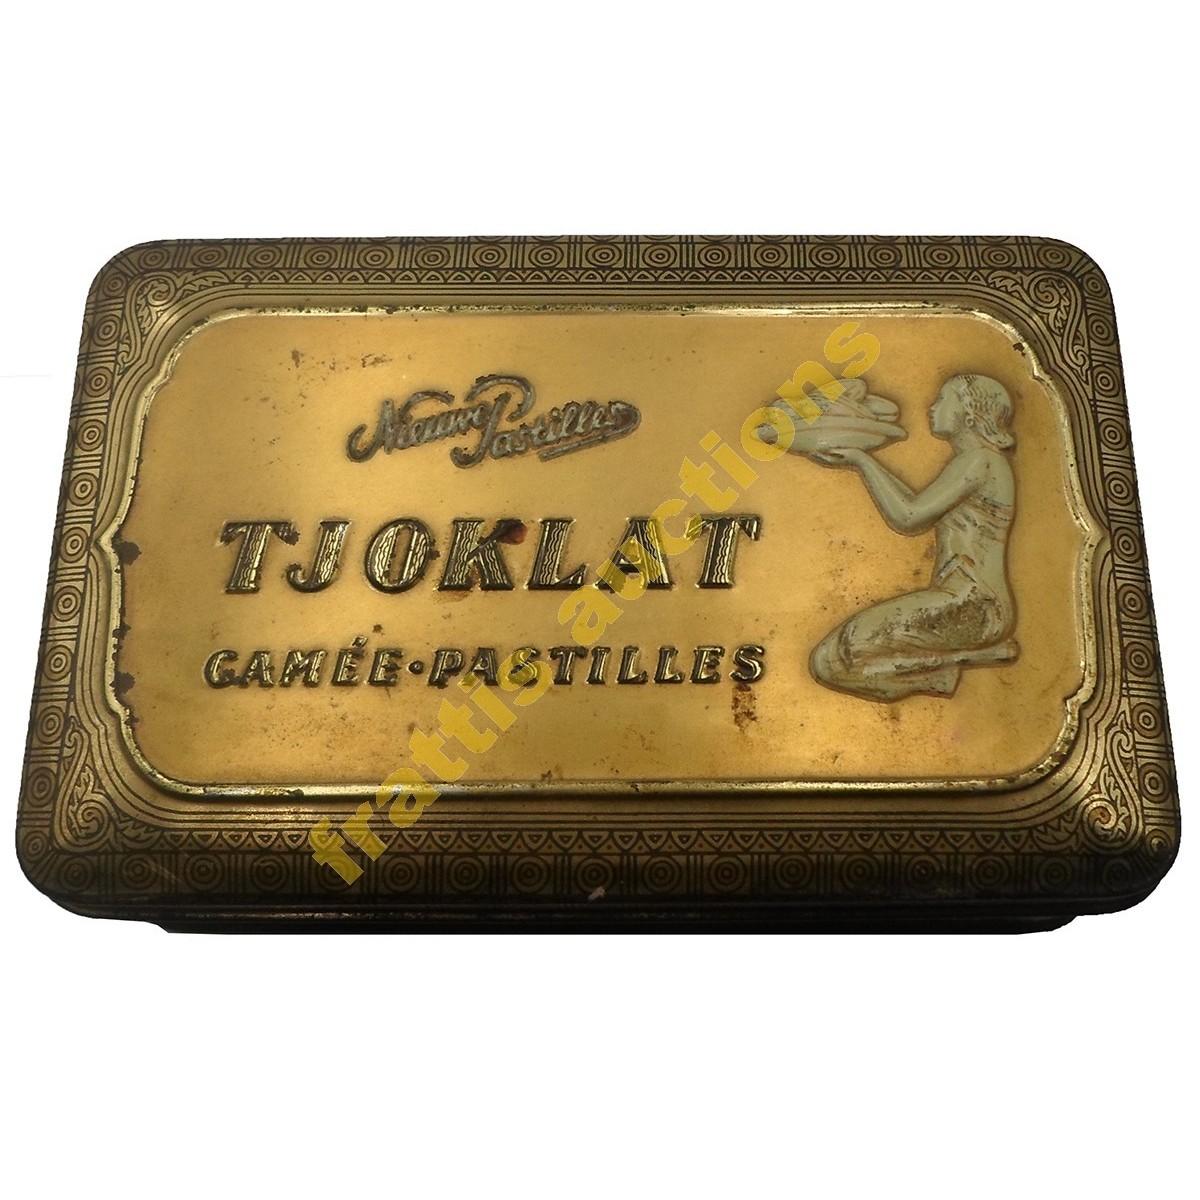 Τjoklat, Camee-Pastilles, Μεταλλικό κουτί.